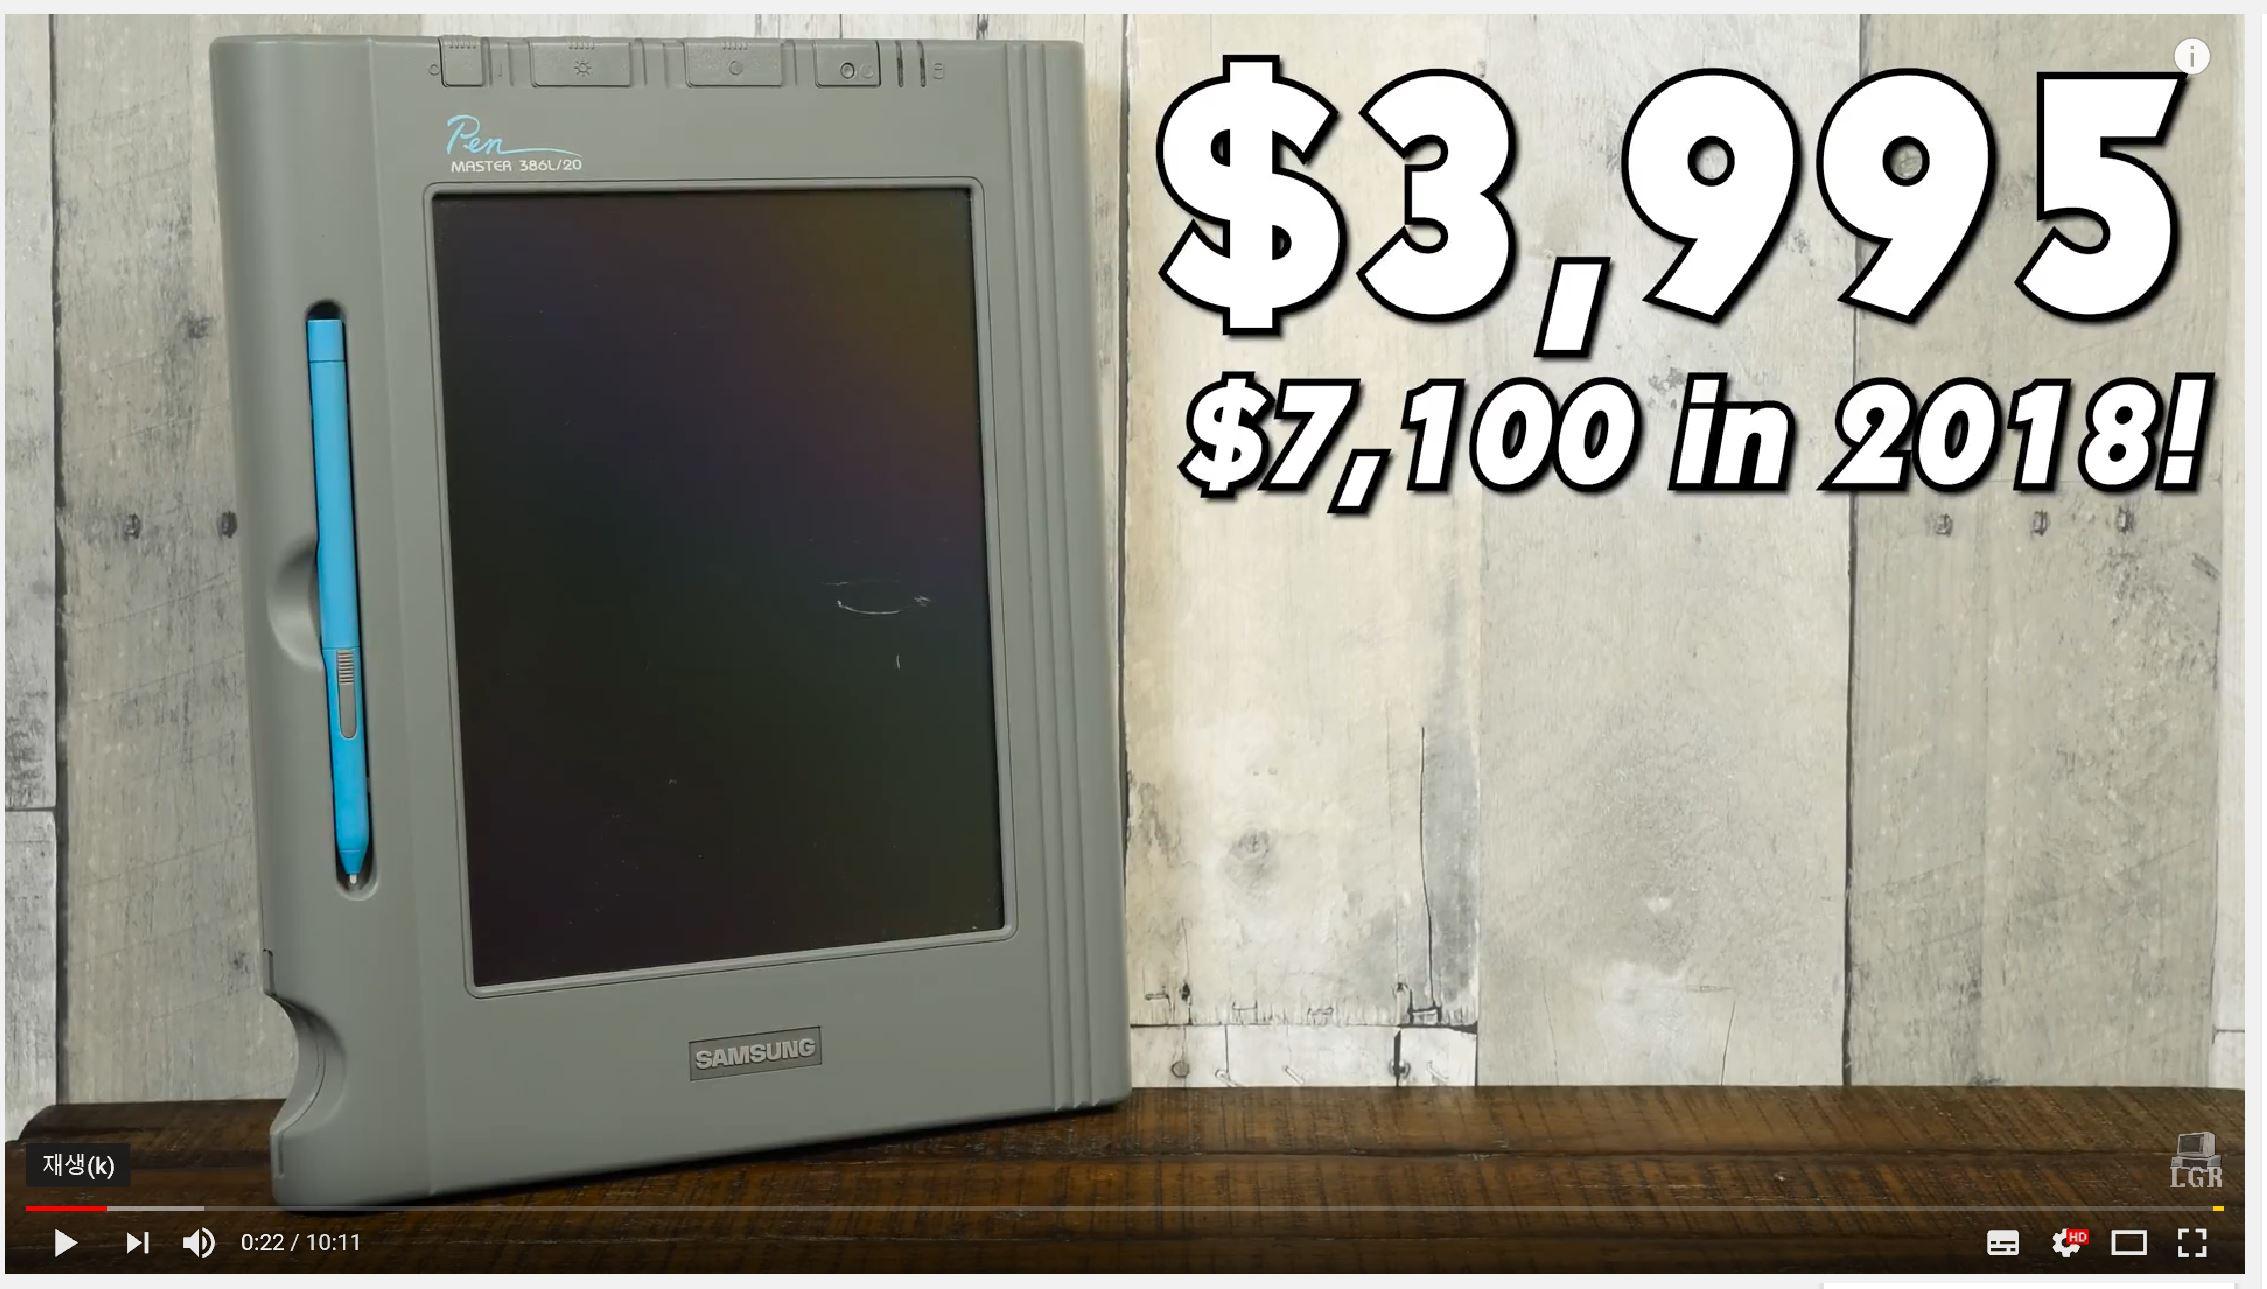 1992년도에 나왔던 삼성의 PEN 태블릿